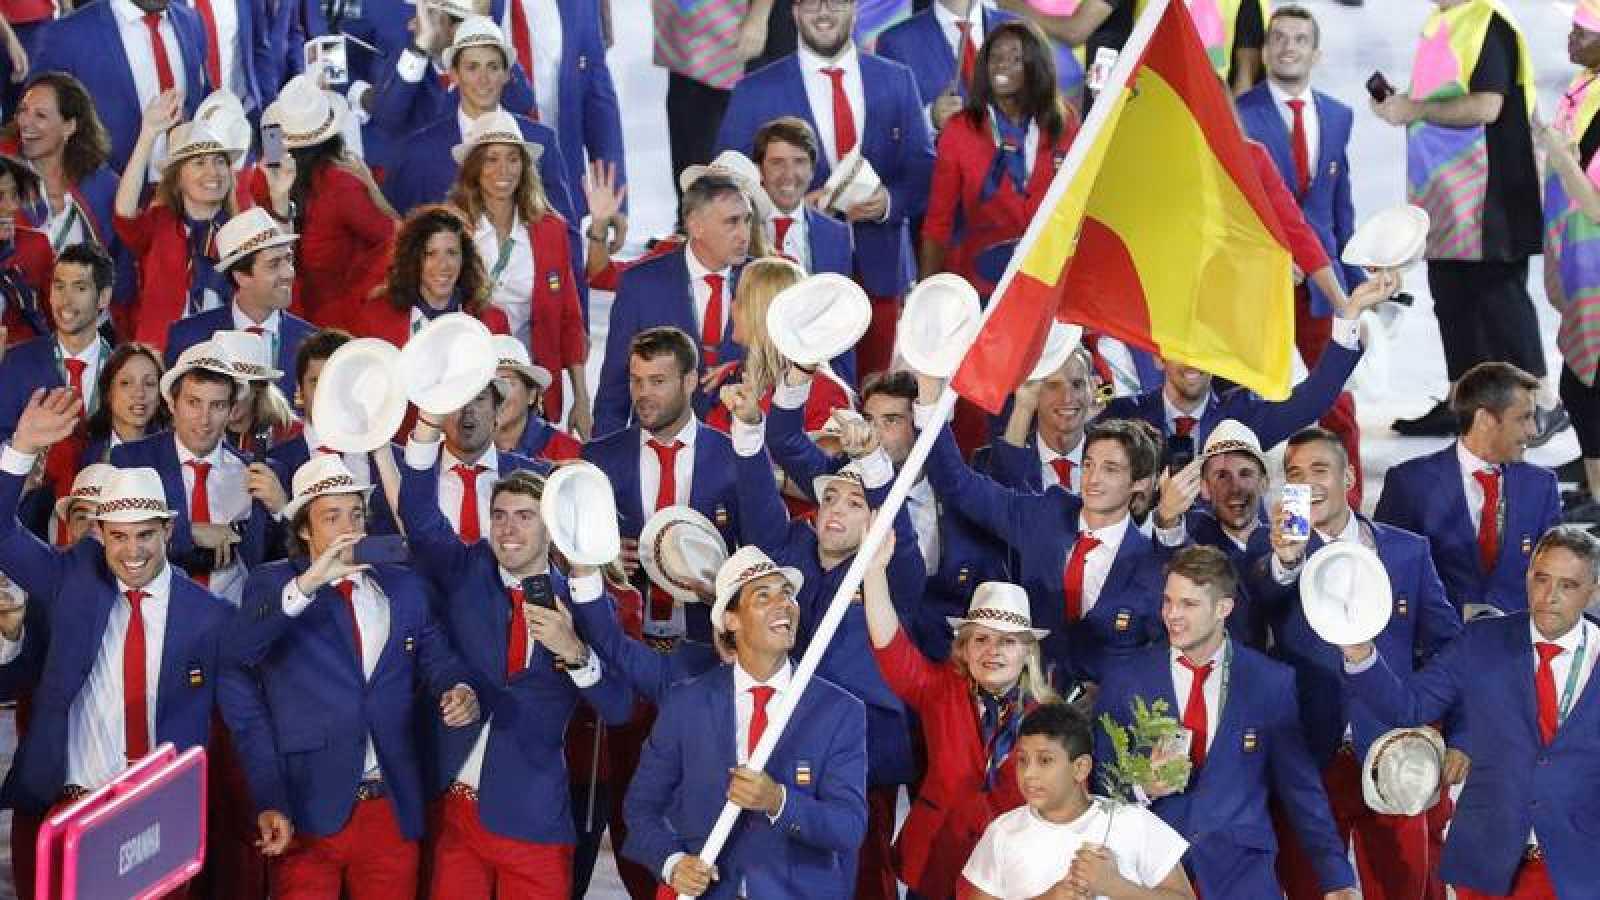 Rafael Nadal encabeza el equipo olímpico de España en la ceremonia inaugural de los Juegos Olímpicos Río 2016.